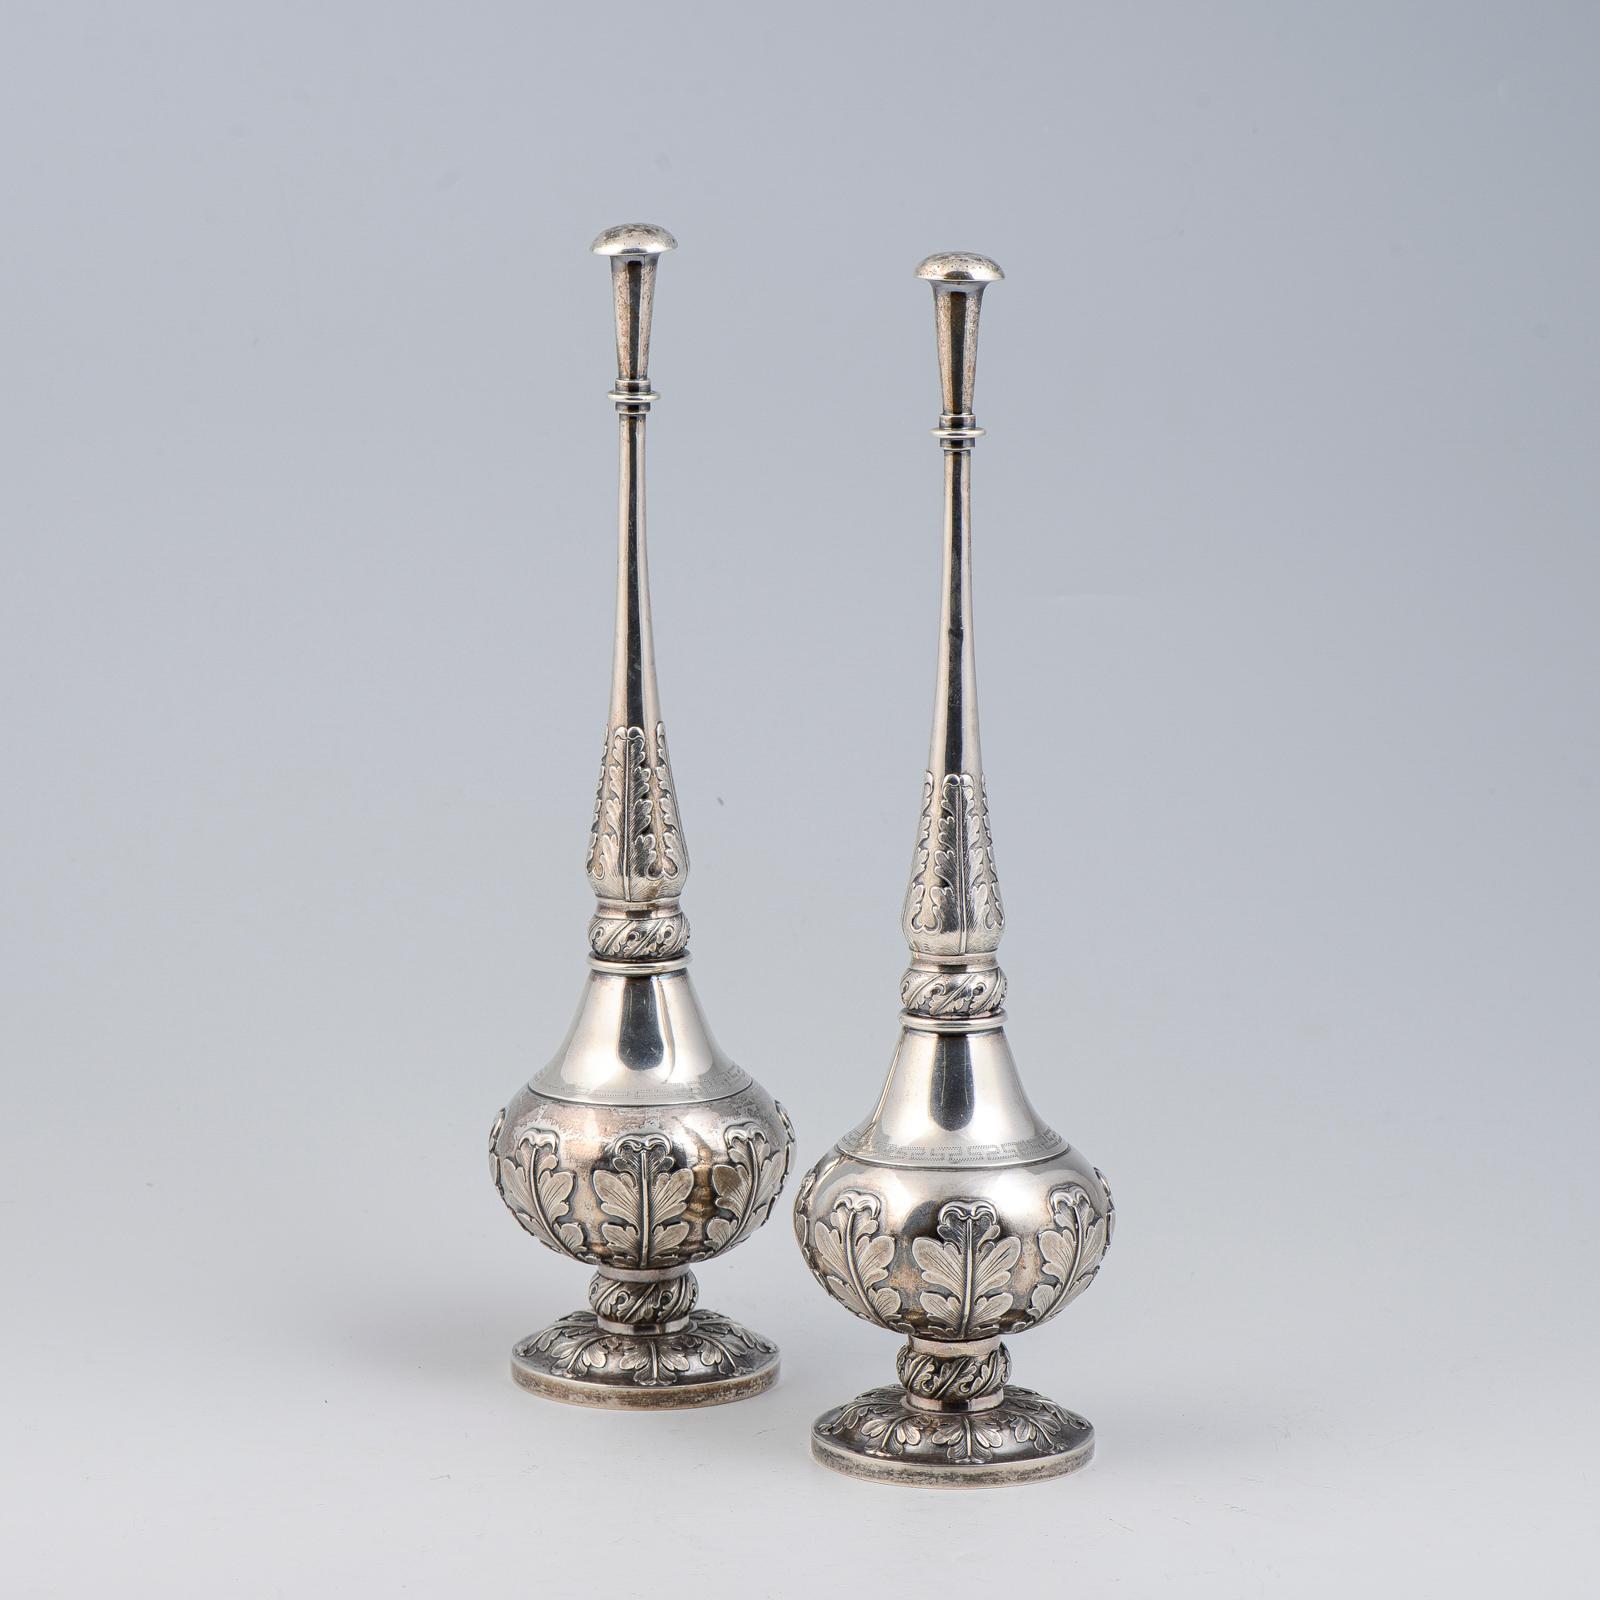 Par de piveteiros em prata indiana, P.1034g